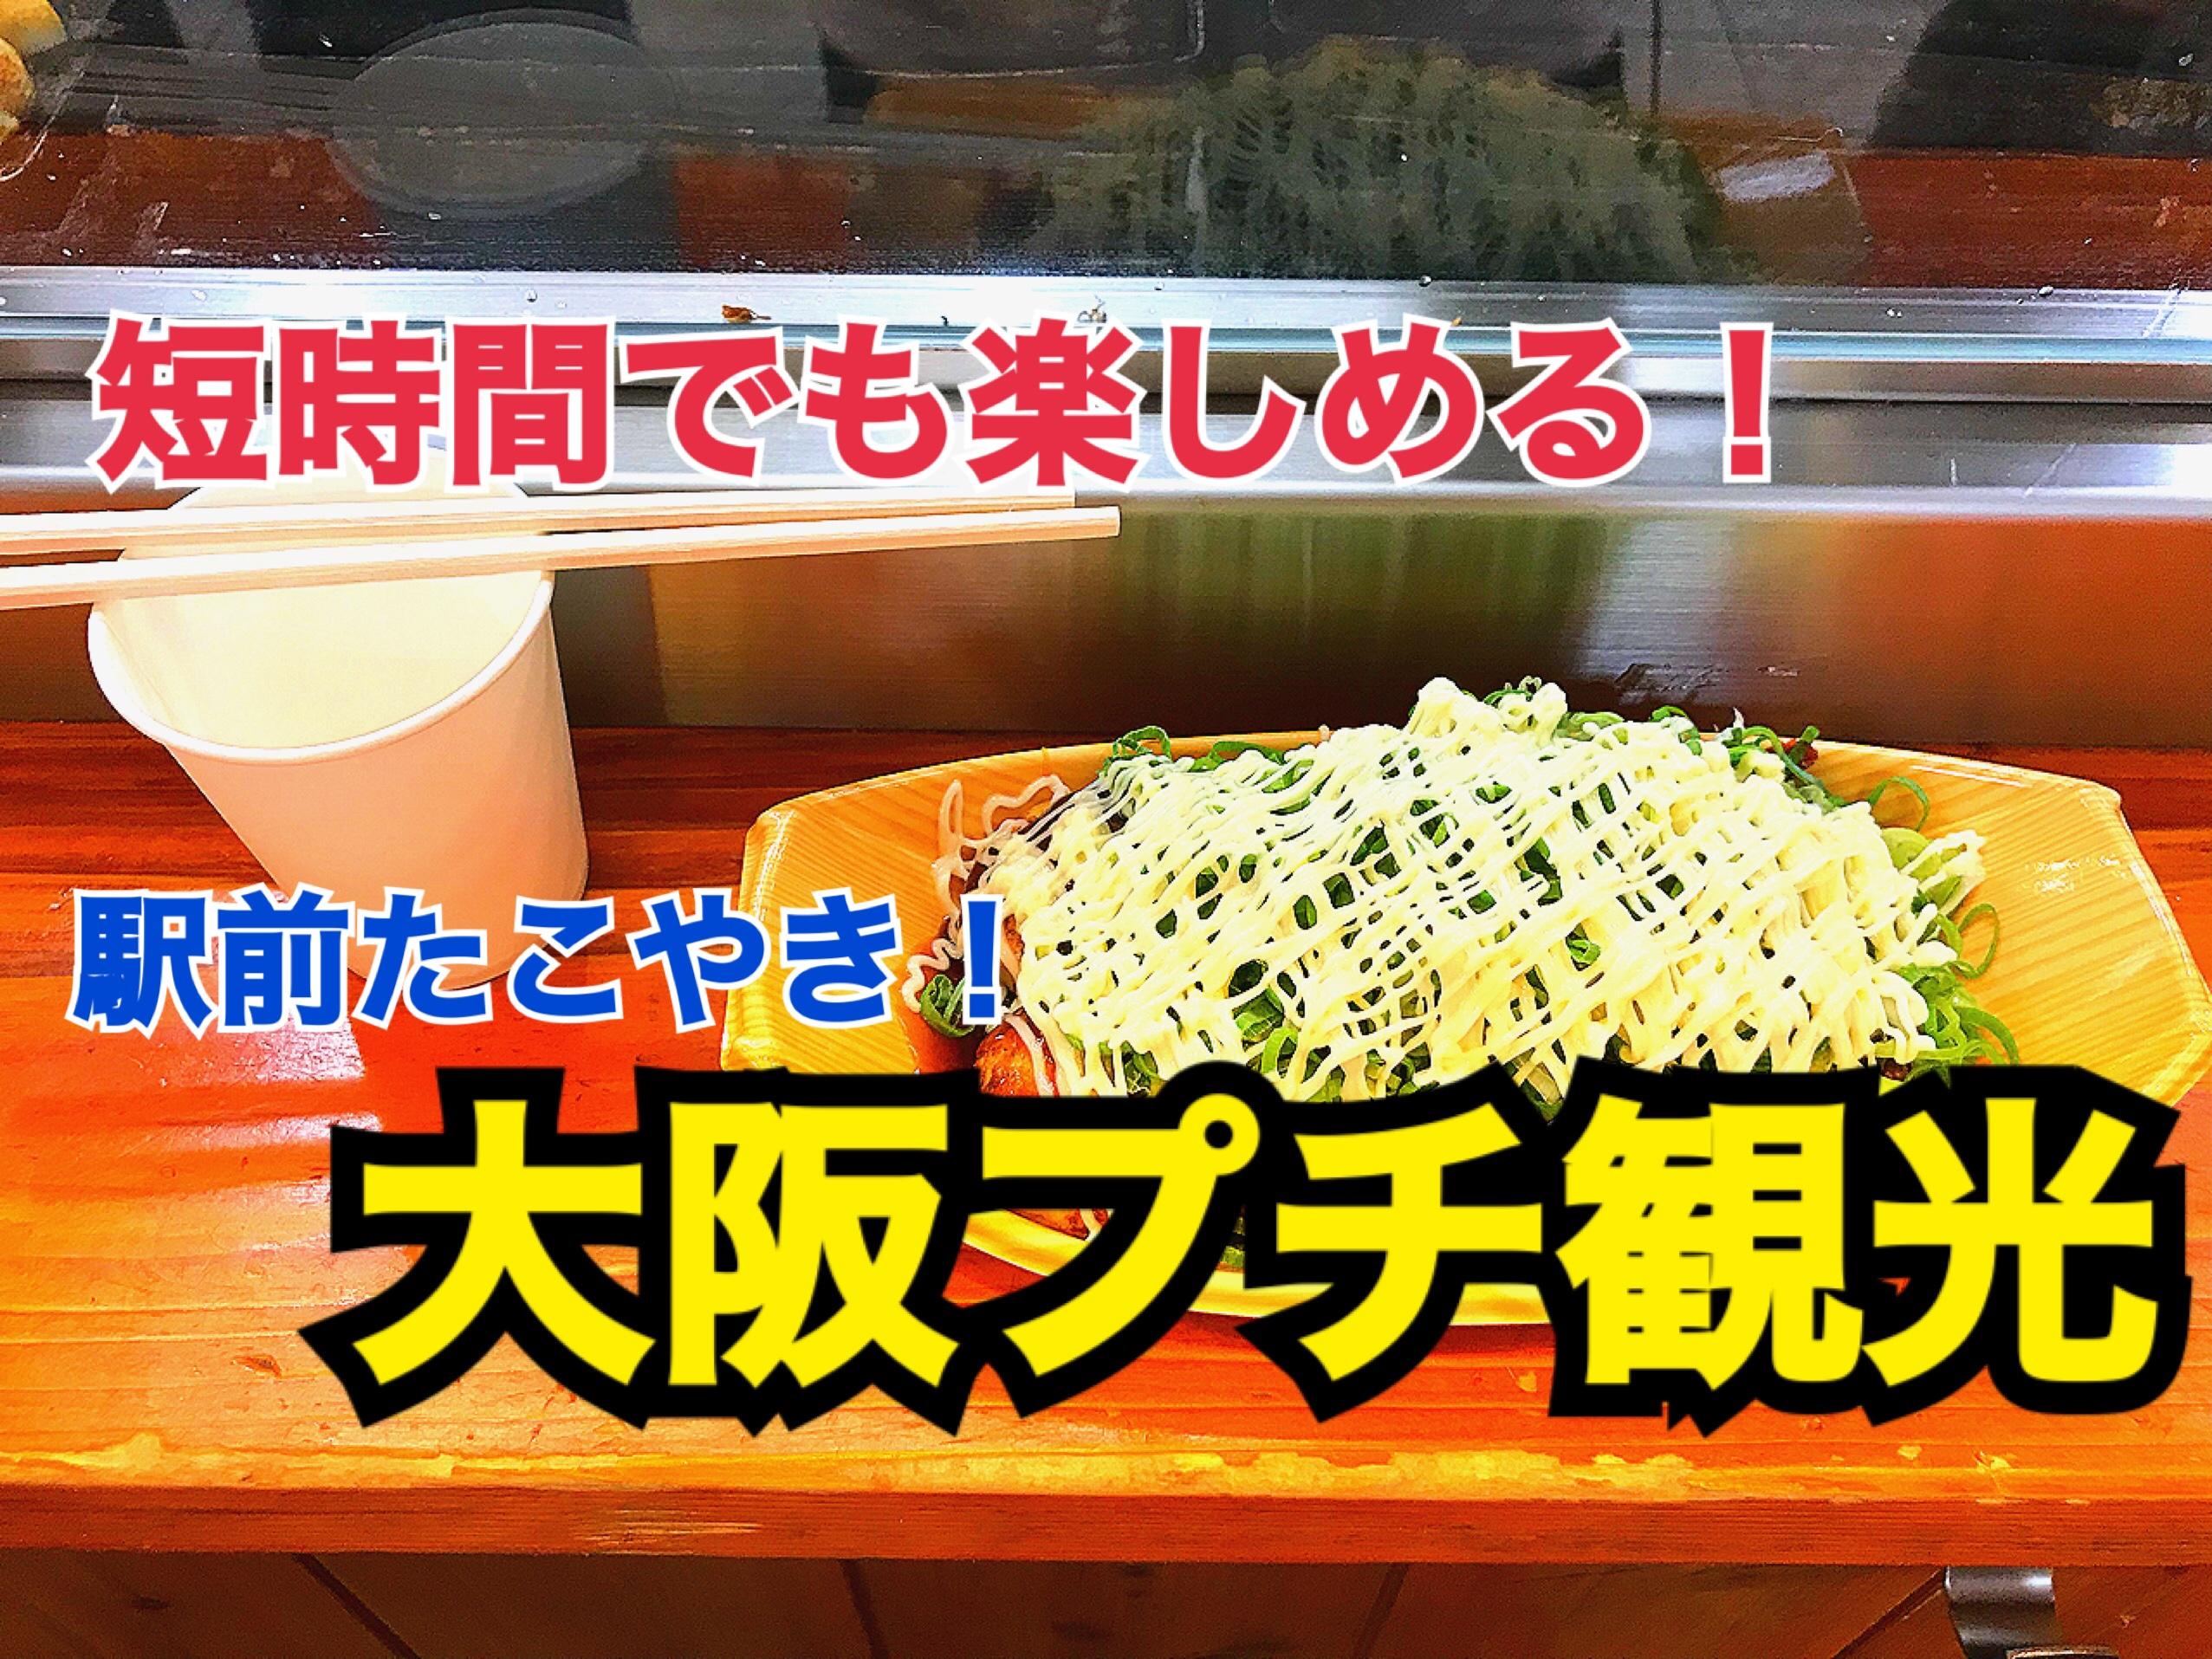 【大阪観光】短時間で大阪プチ観光を楽しむ!大阪のたこ焼きはここがおすすめ!【関西勉強合宿】